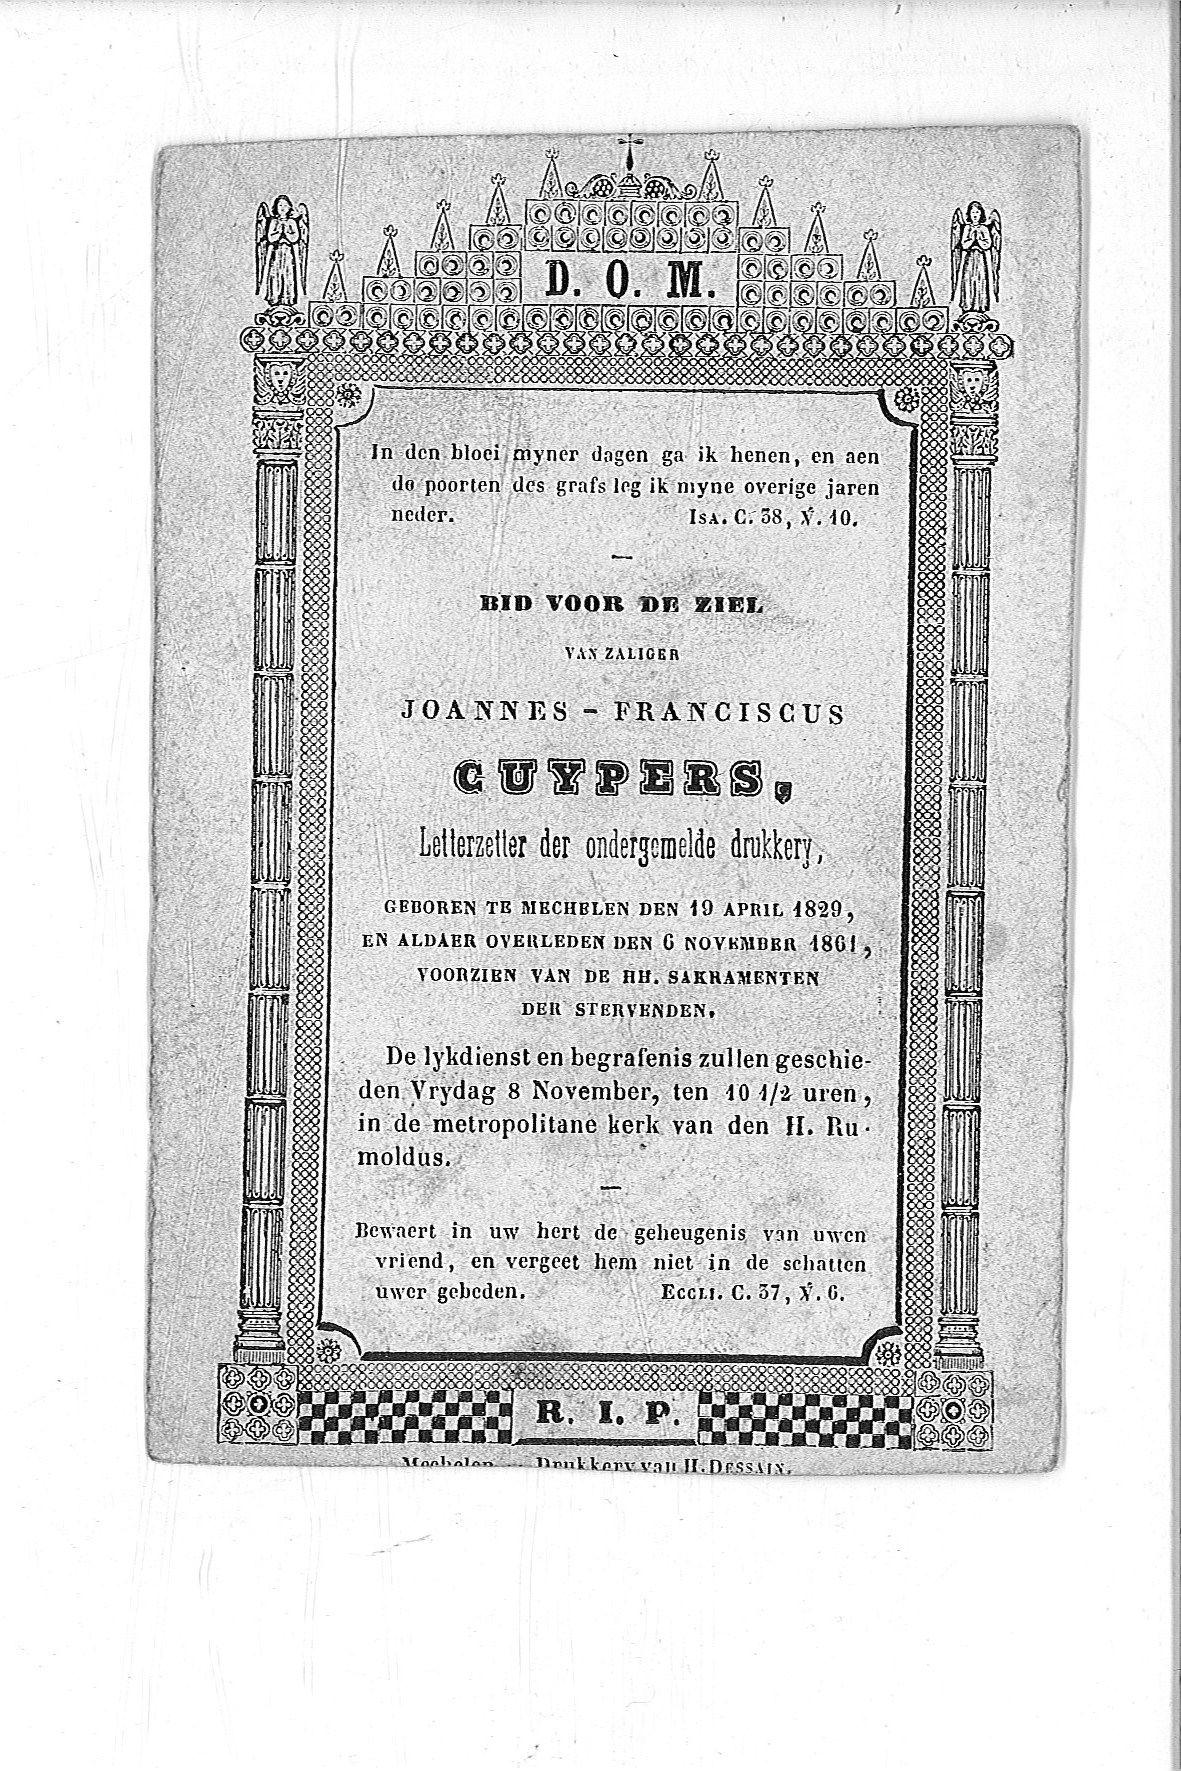 Joannes-Franciscus(1861)20090916171417_00086.jpg